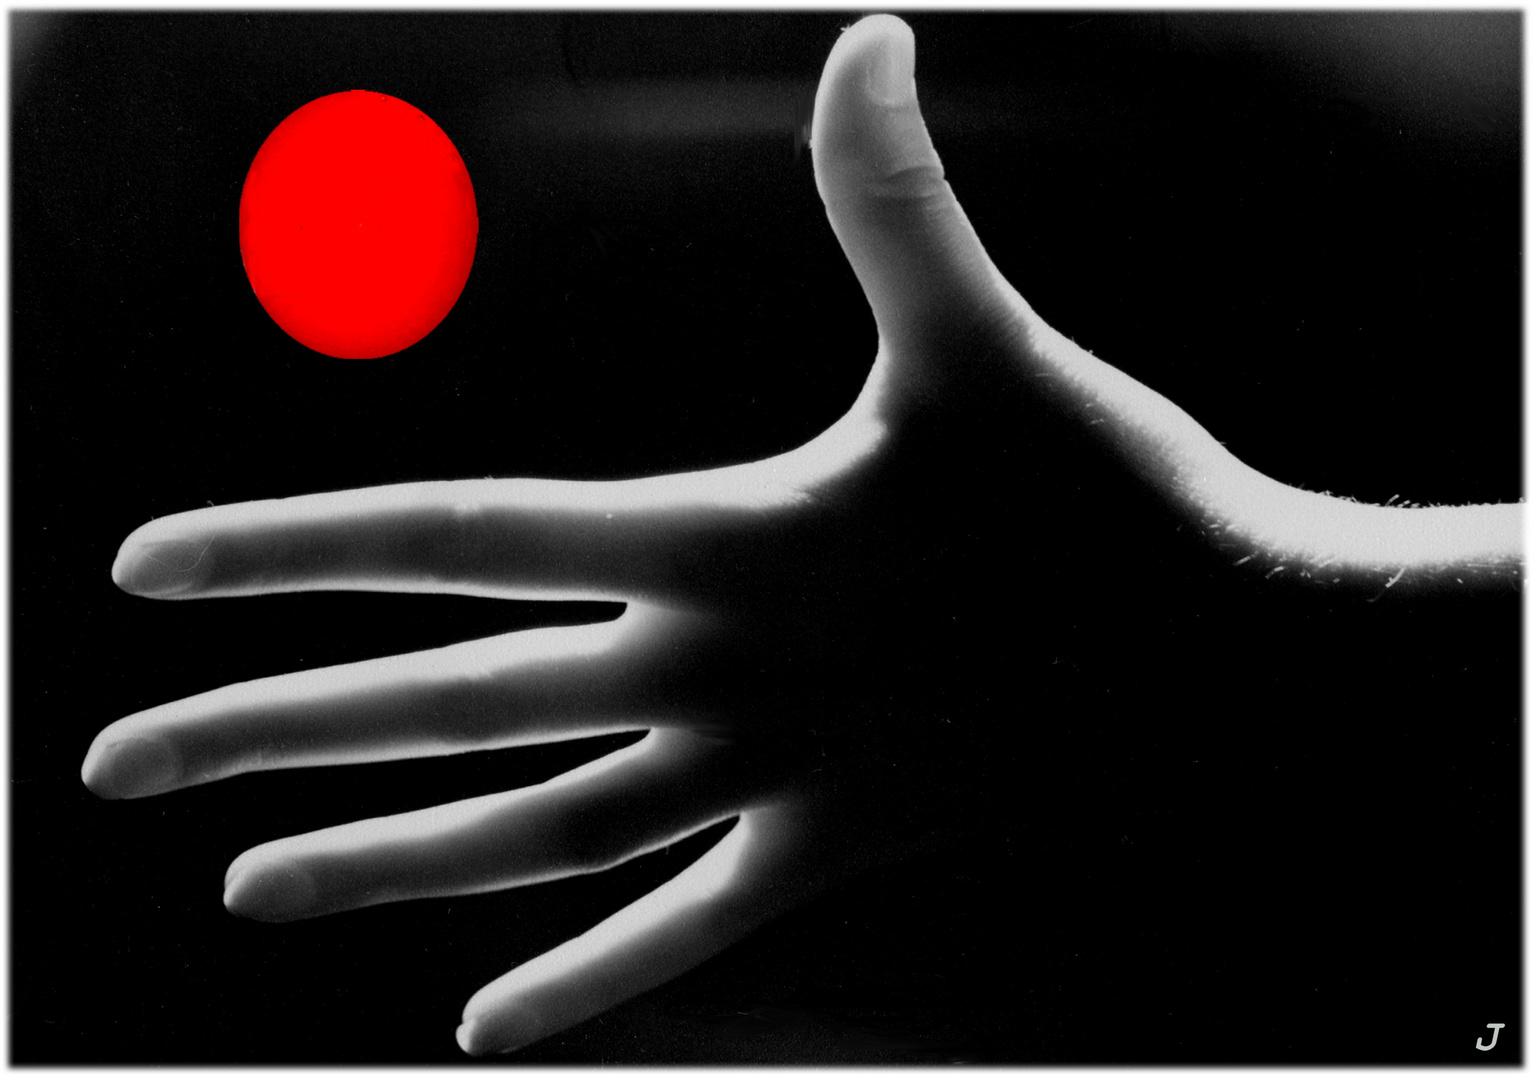 der rote punkt